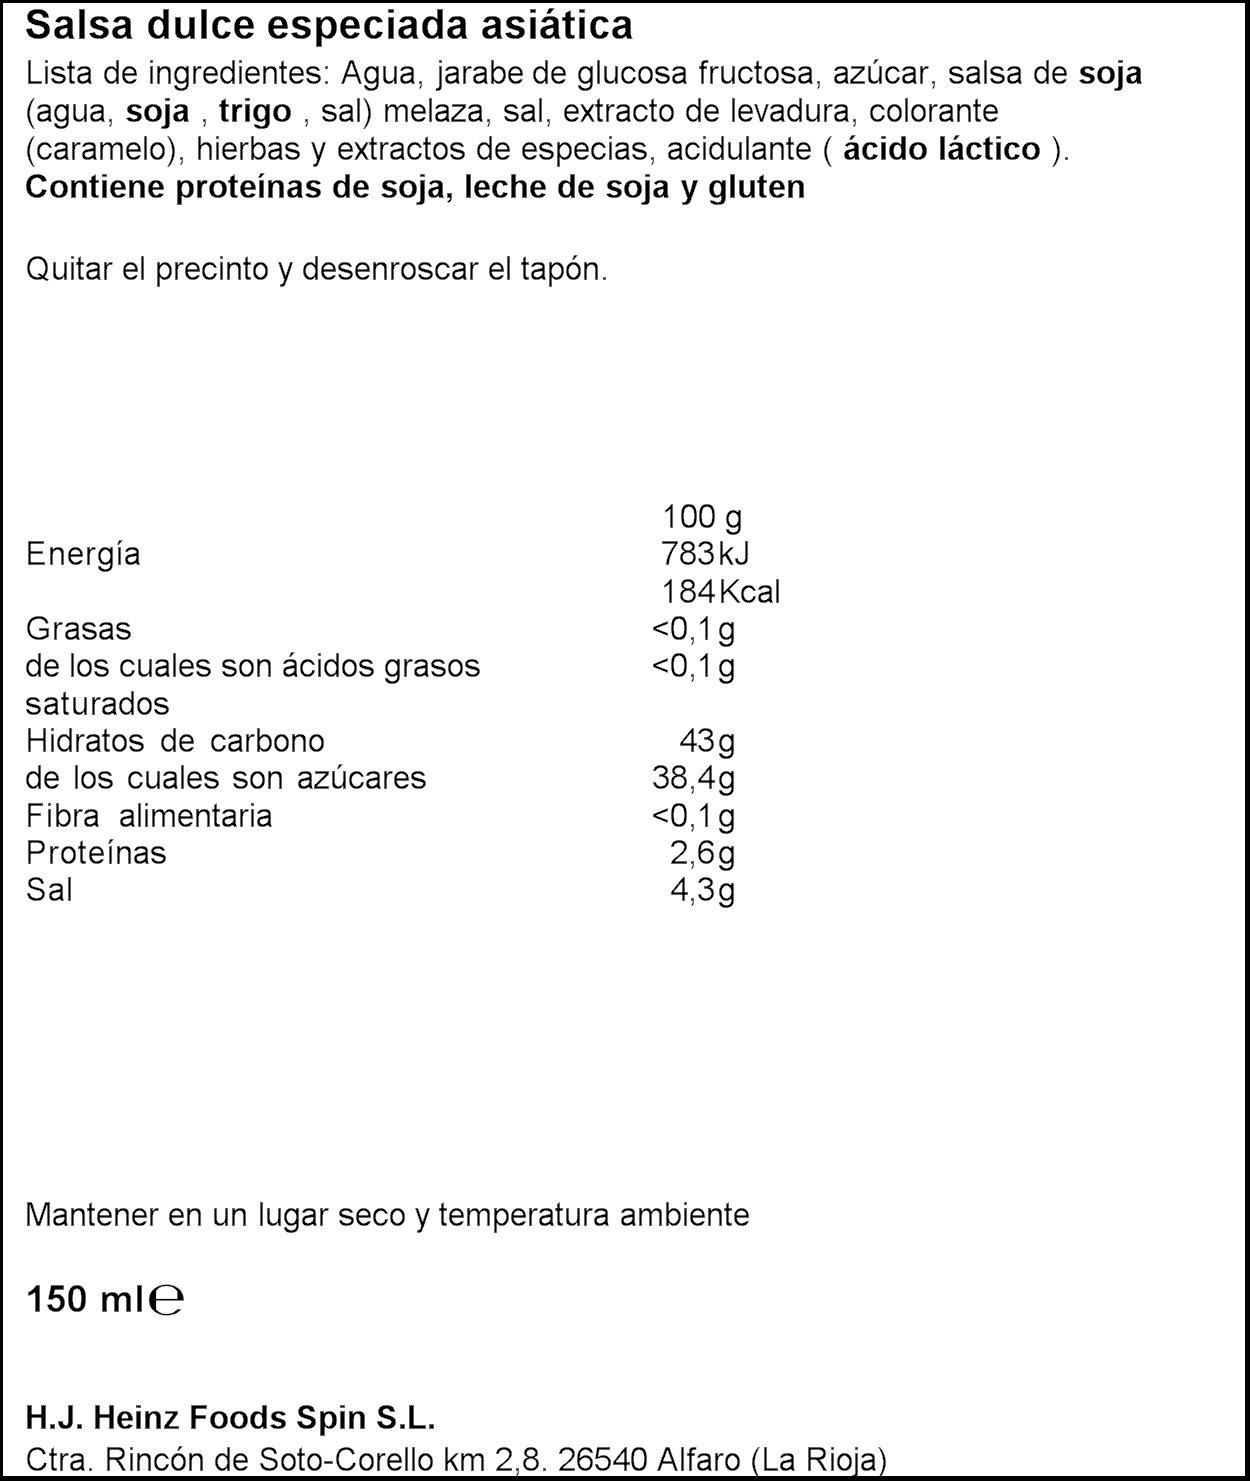 Heinz - Salsa Soja - Cristal 150 ml - [pack de 4]: Amazon.es: Alimentación y bebidas